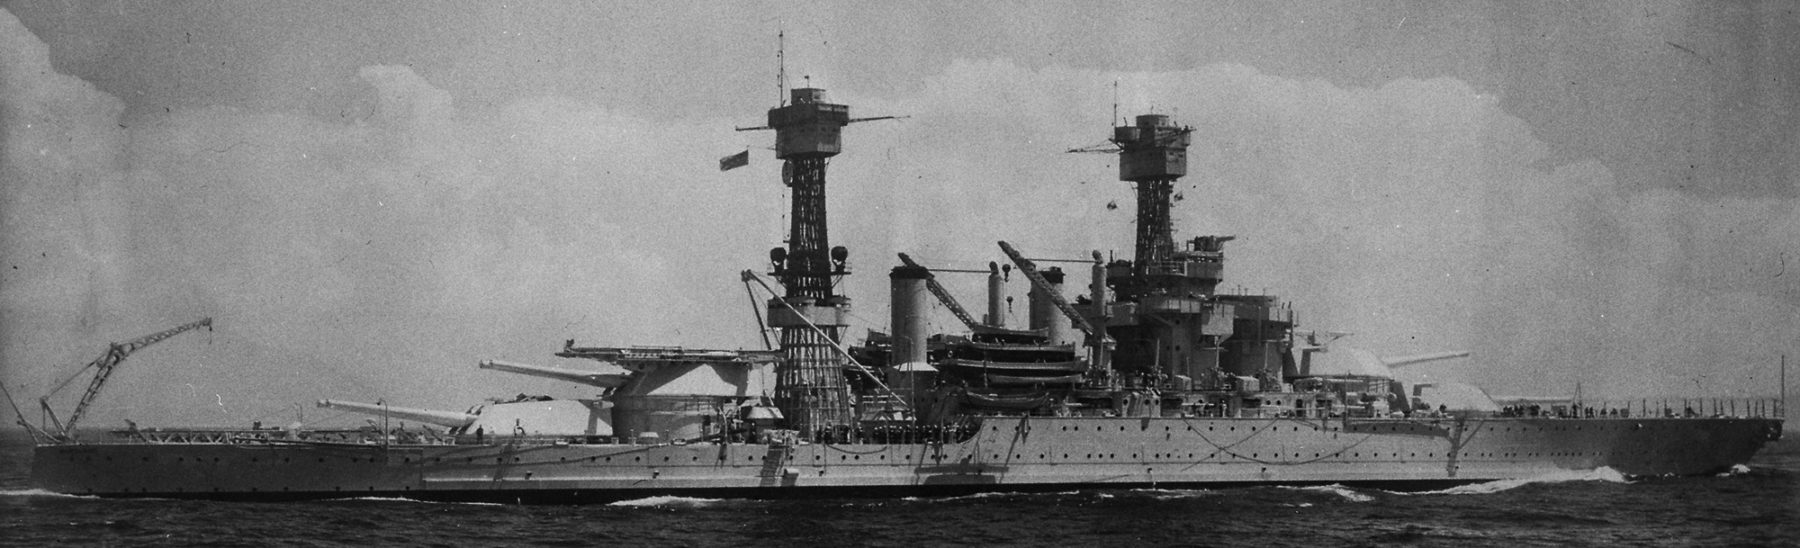 Tennessee class battleships